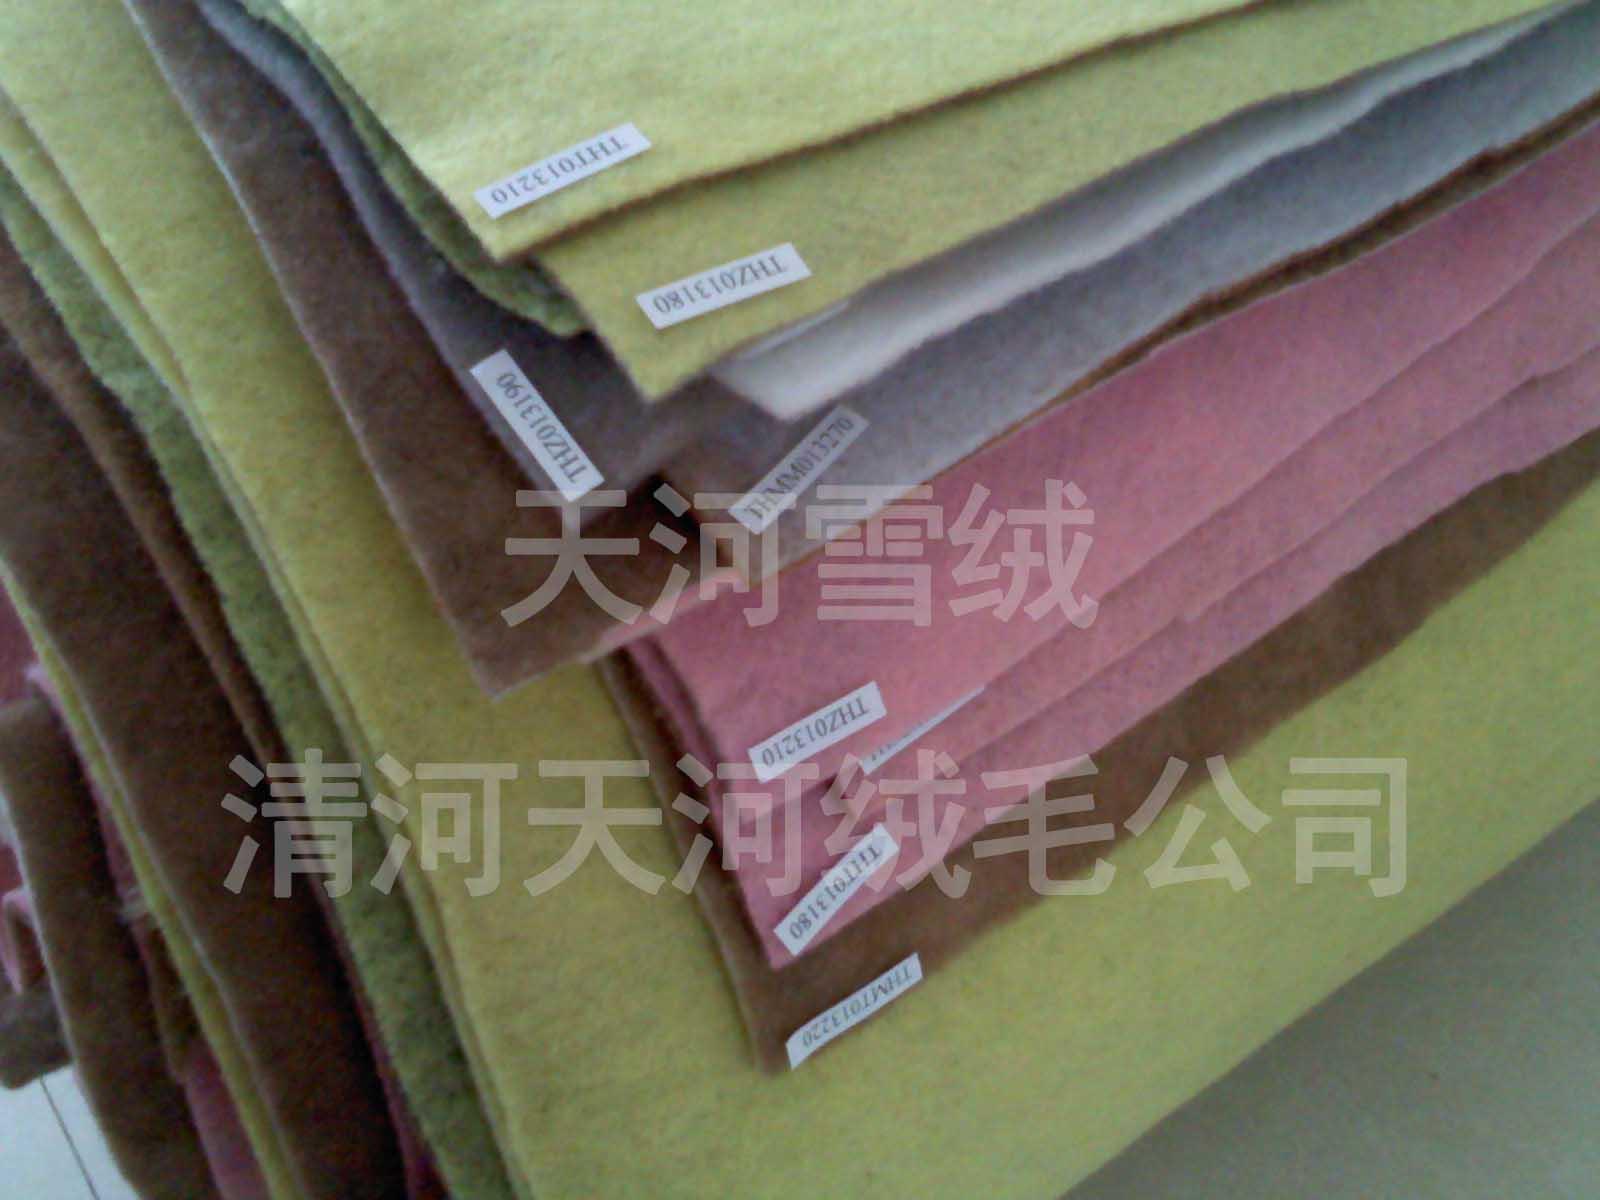 邢台地区品牌好的混合绒羊毛絮片 :羊毛絮片厂家